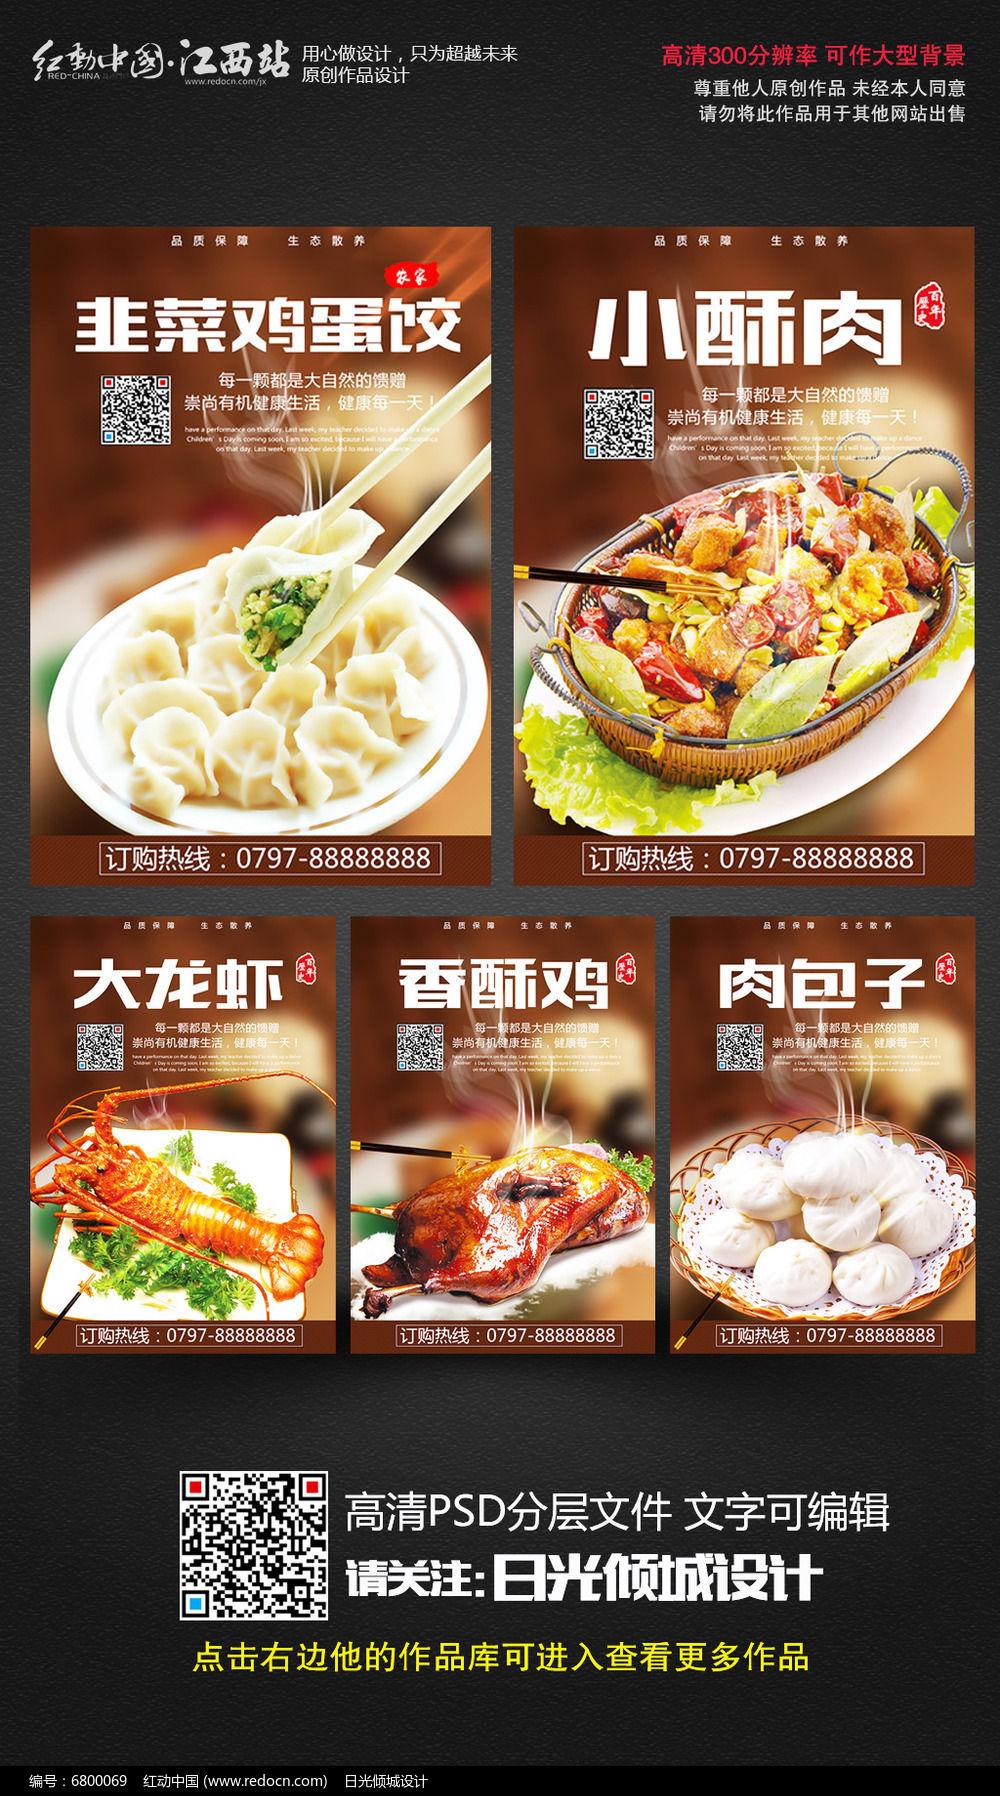 原创设计稿 海报设计/宣传单/广告牌 海报设计 餐饮店美食海报设计图片